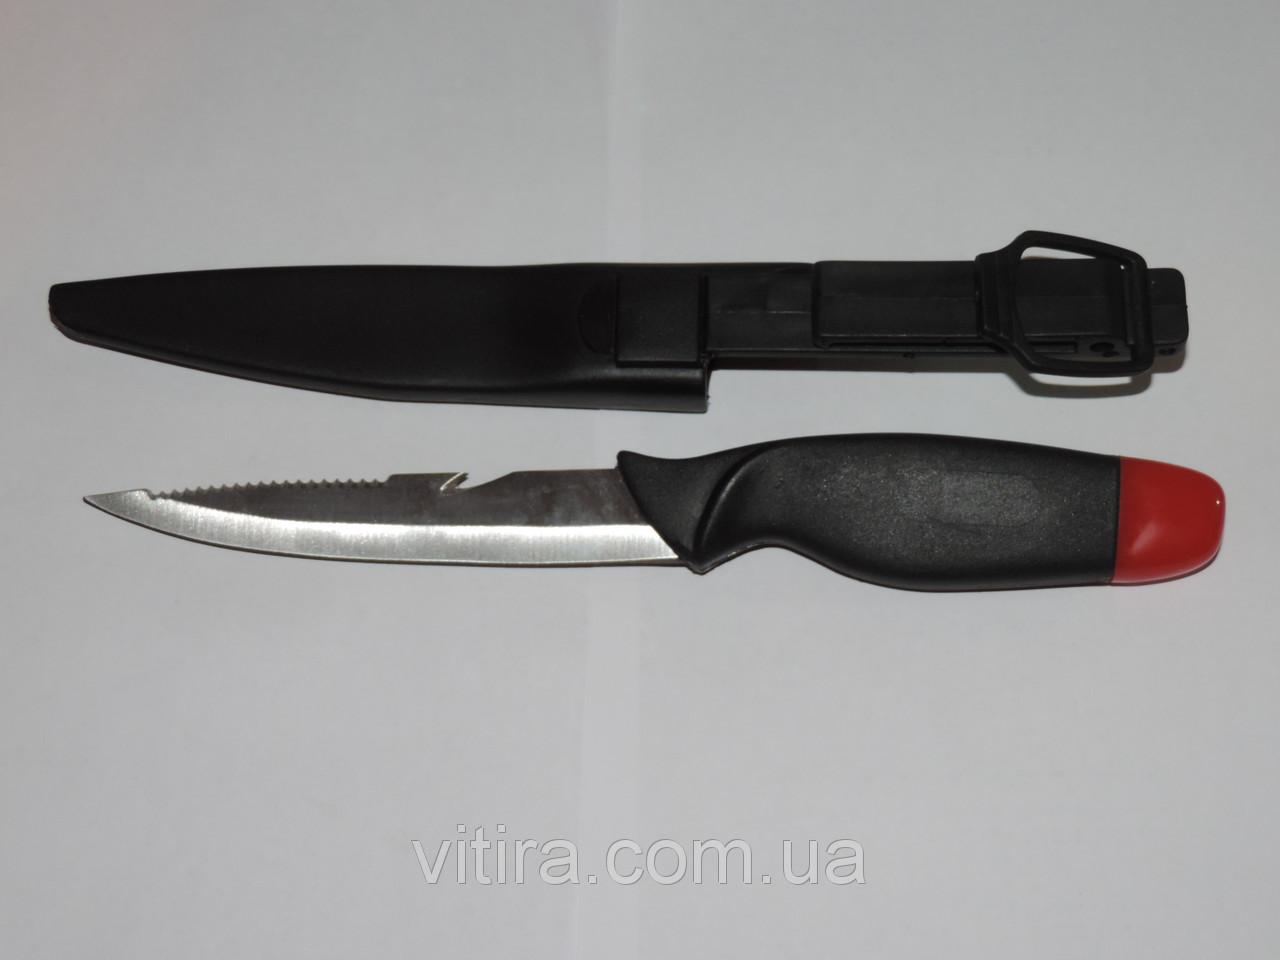 Нож для подводной охоты и рыбалки. Стропорез и серейтор.